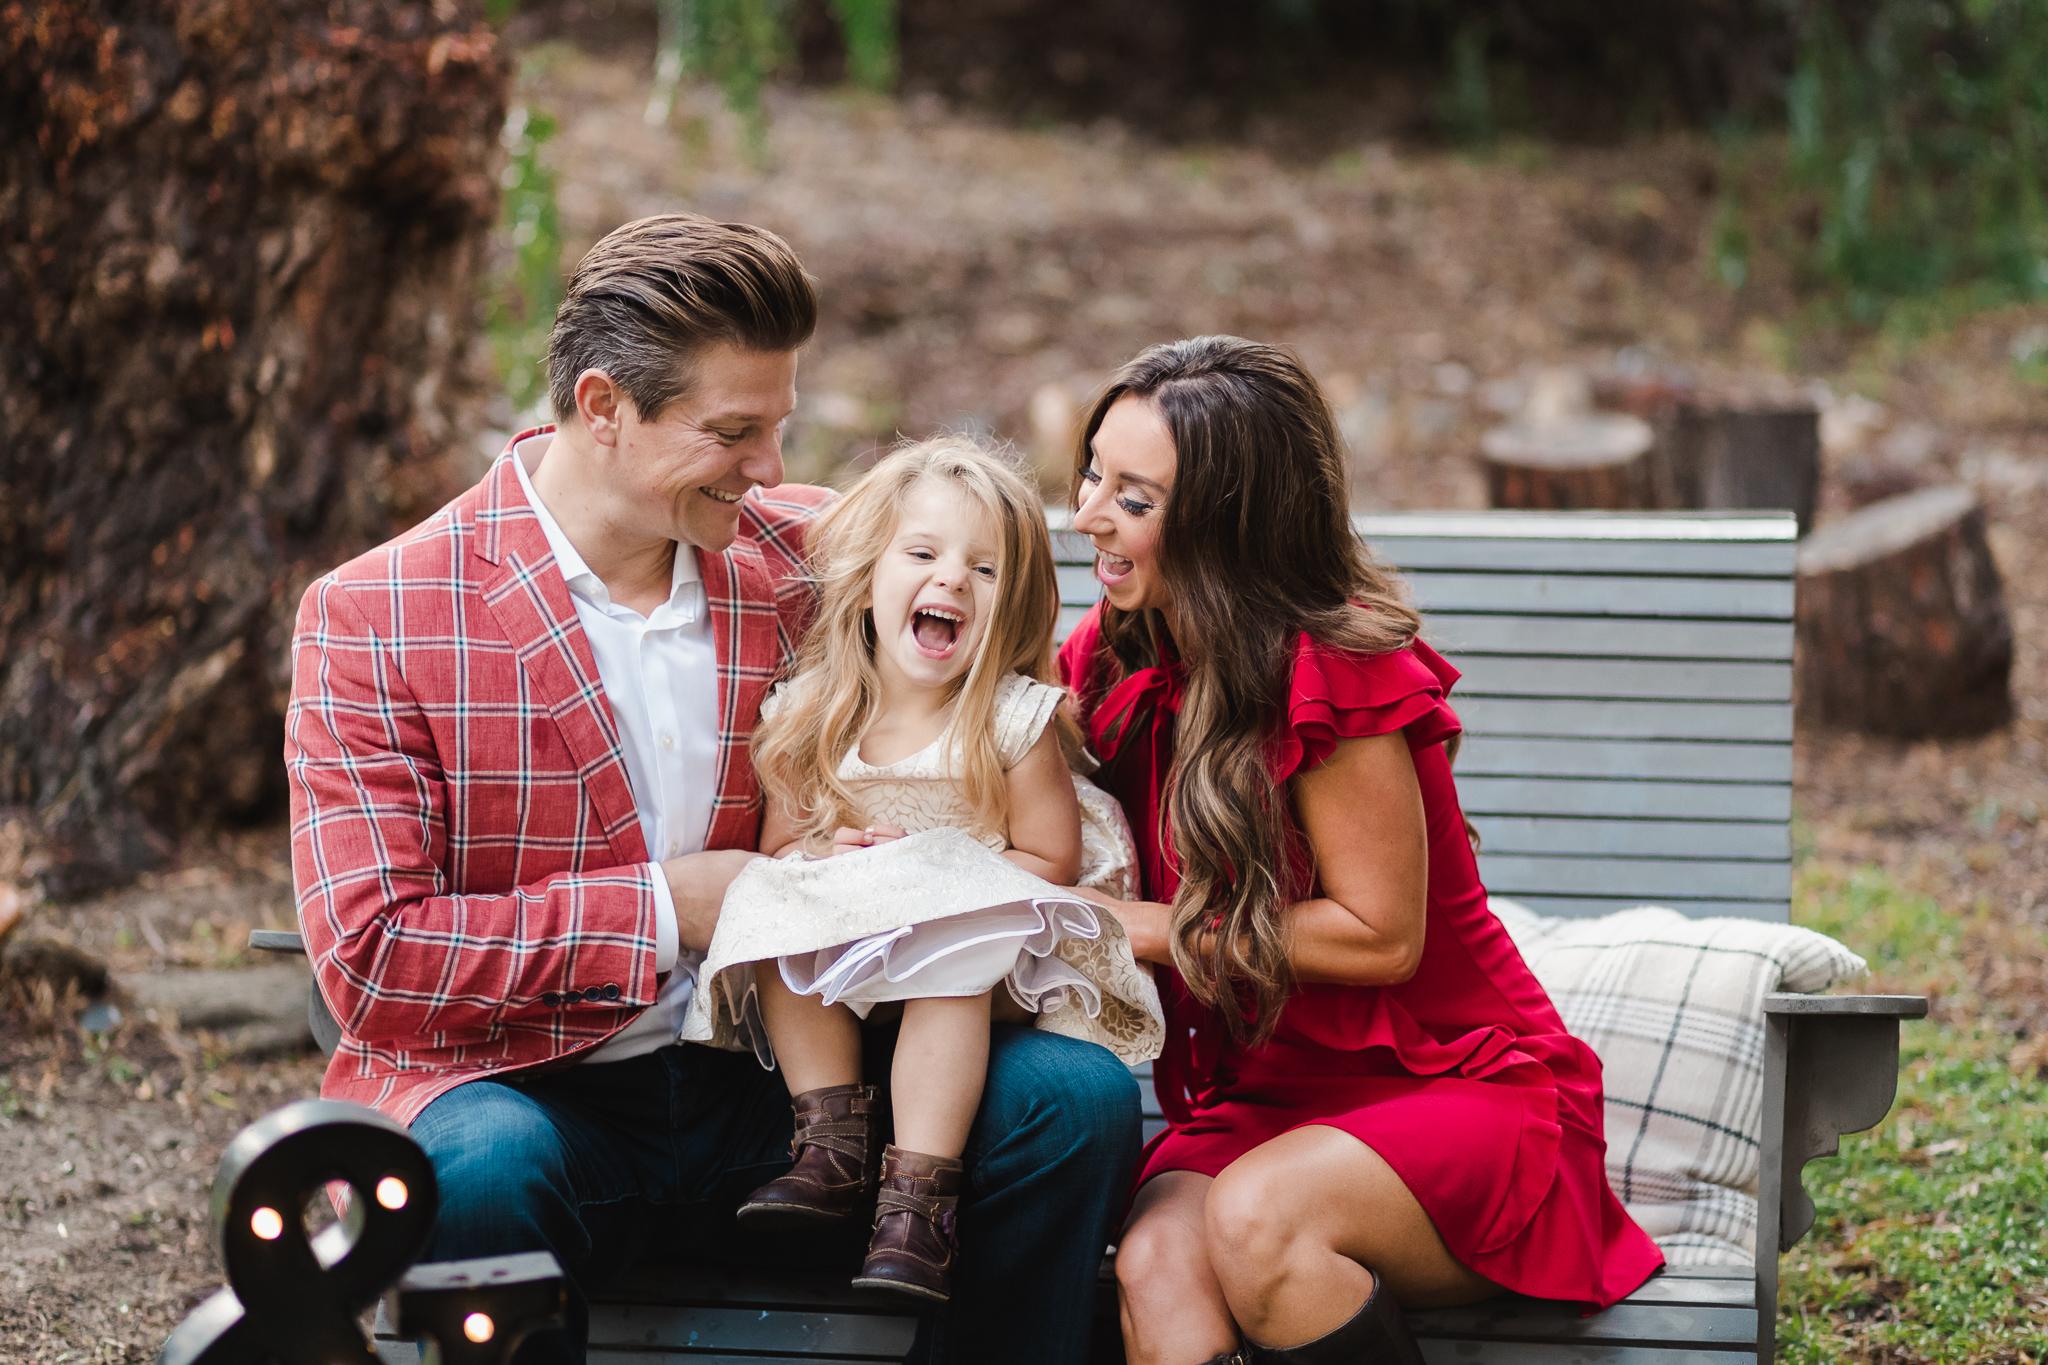 holiday family photos in la mesa